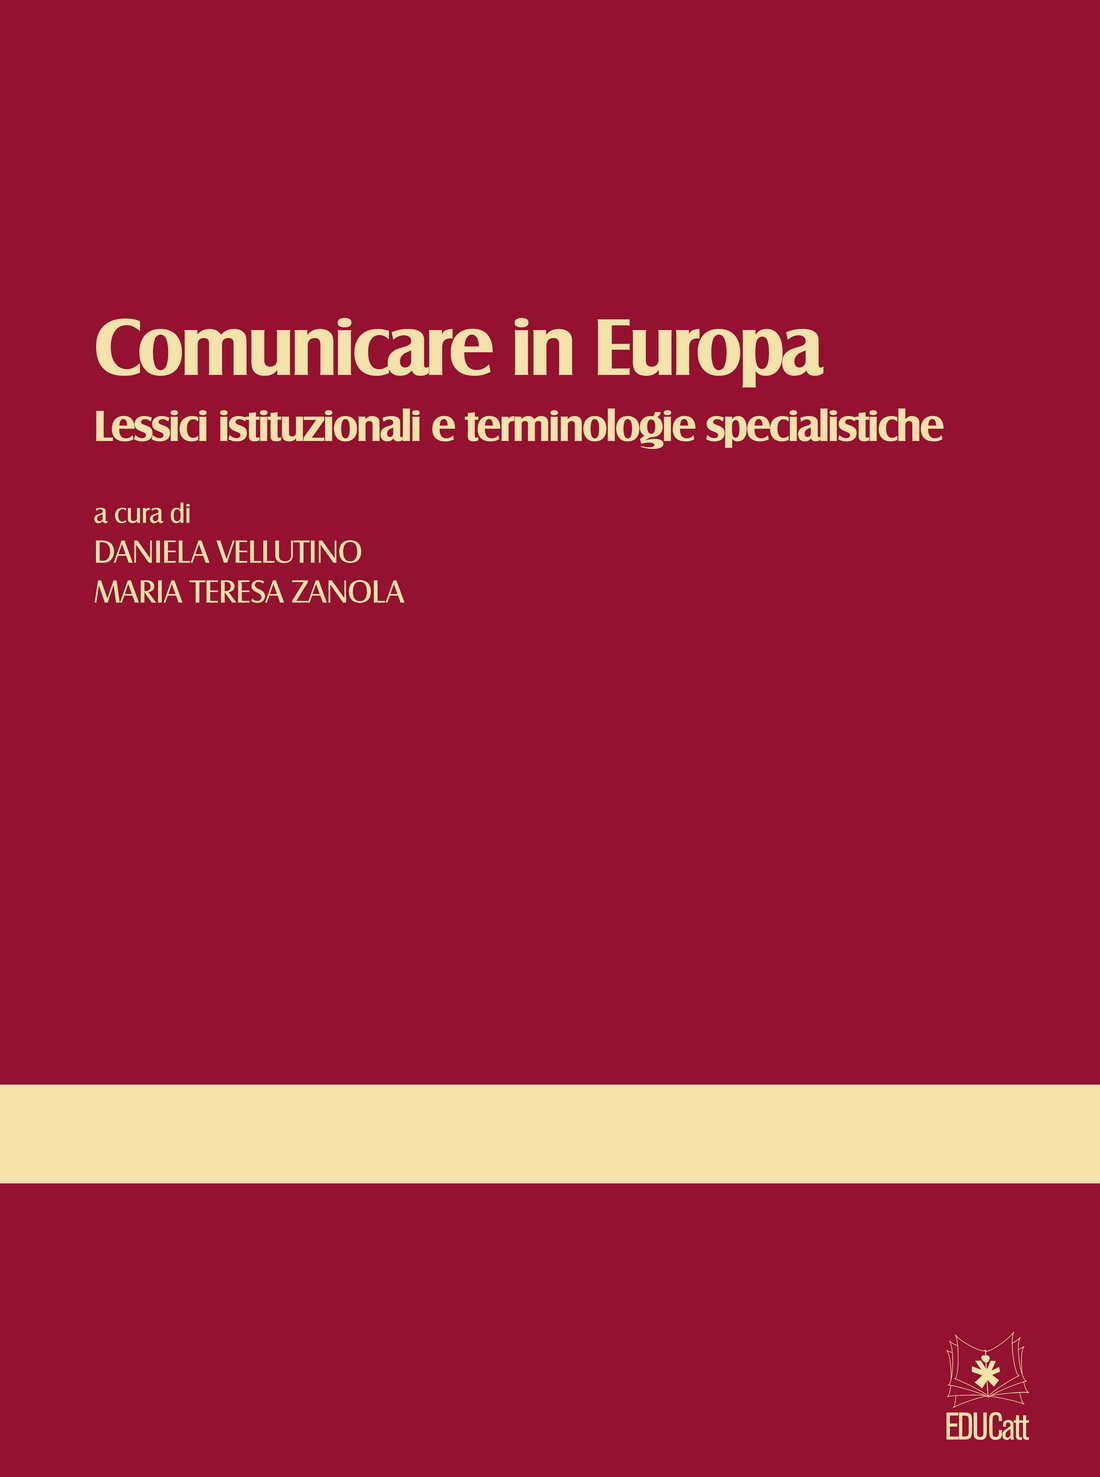 COMUNICARE IN EUROPA. LESSICI ISTITUZIONALI E TERMINOLOGIE SPECIALISTICHE